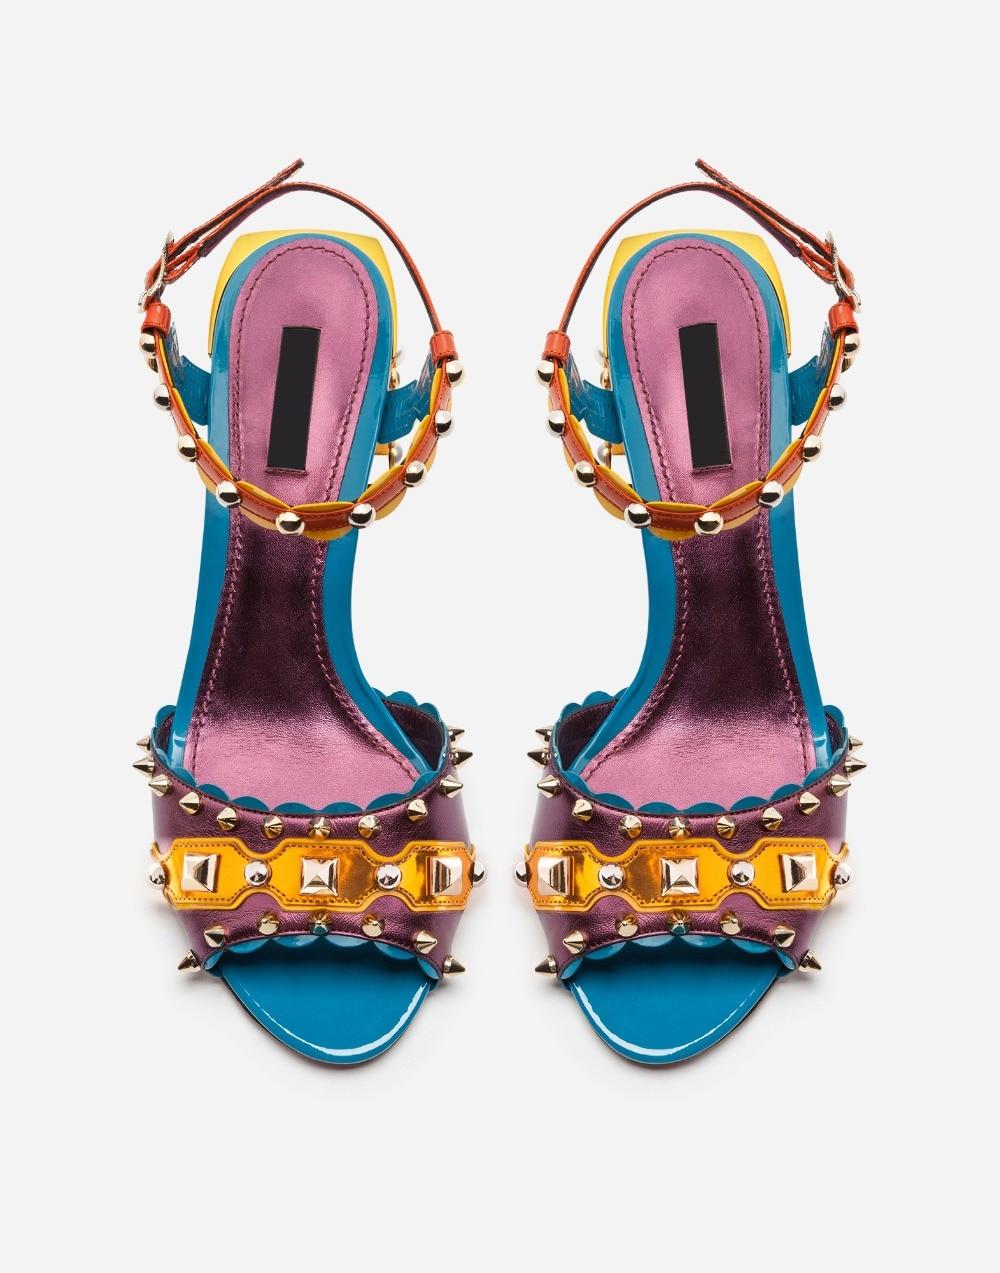 Dames Sandale Coloré Nouveau Femmes Épais Ouvert Hauts Mode Chunky Mariage De D'été Talon Talons Bout Romaine À Sandales HgvIwgq